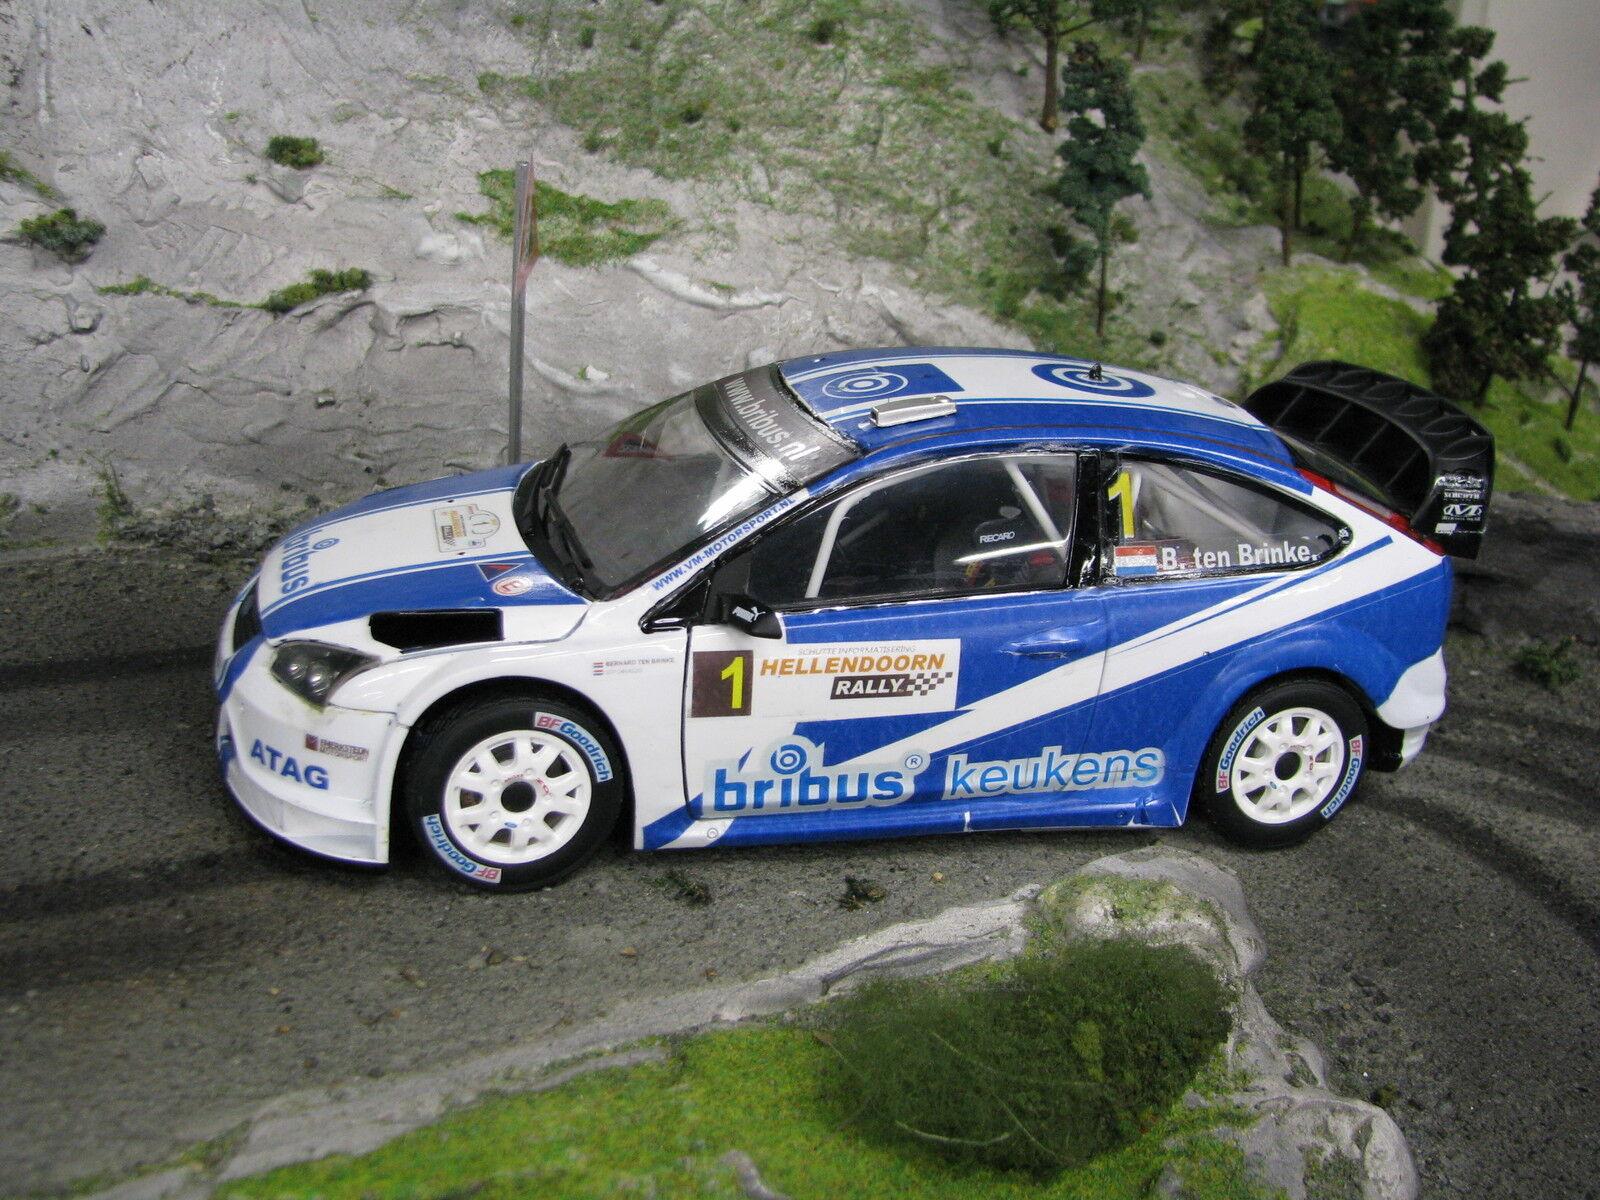 Sun Star Ford Focus RS WRC 08 1 18  1 Ten Brinke   Chevallier Hellendoorn 2010